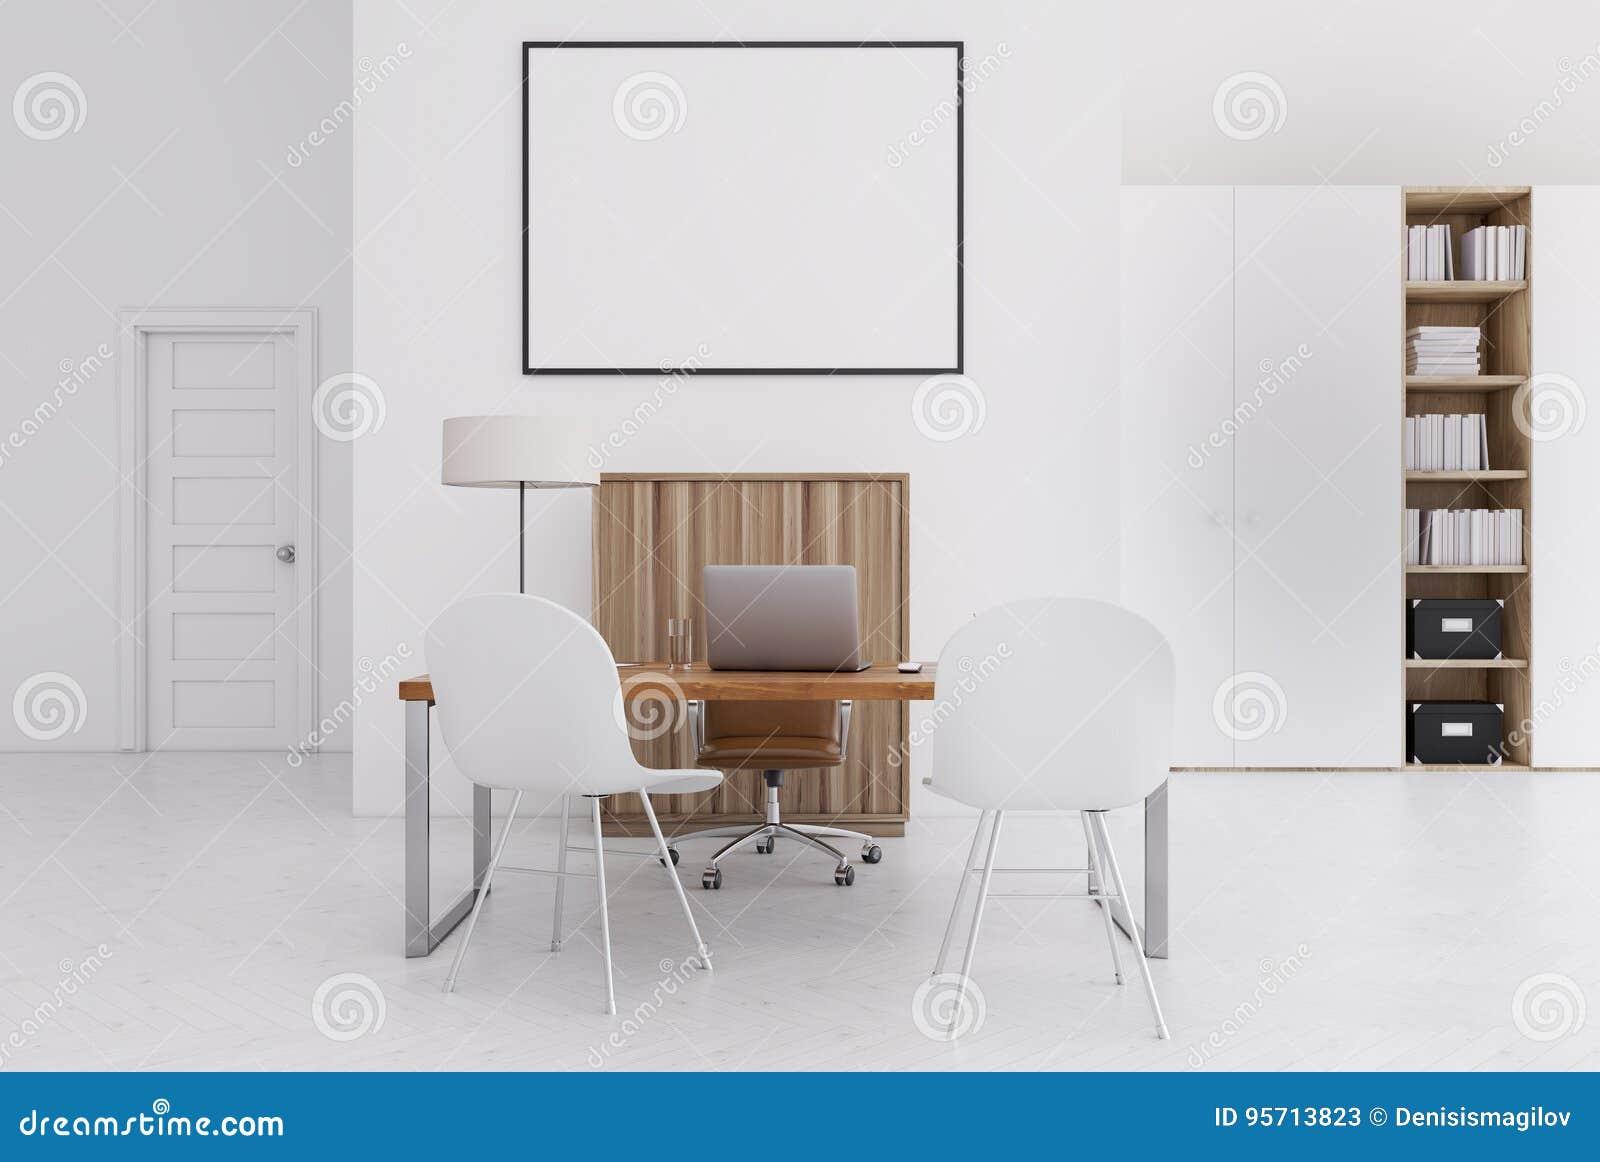 Ufficio Legno Bianco : Ufficio bianco e di legno piccolo manifesto illustrazione di stock